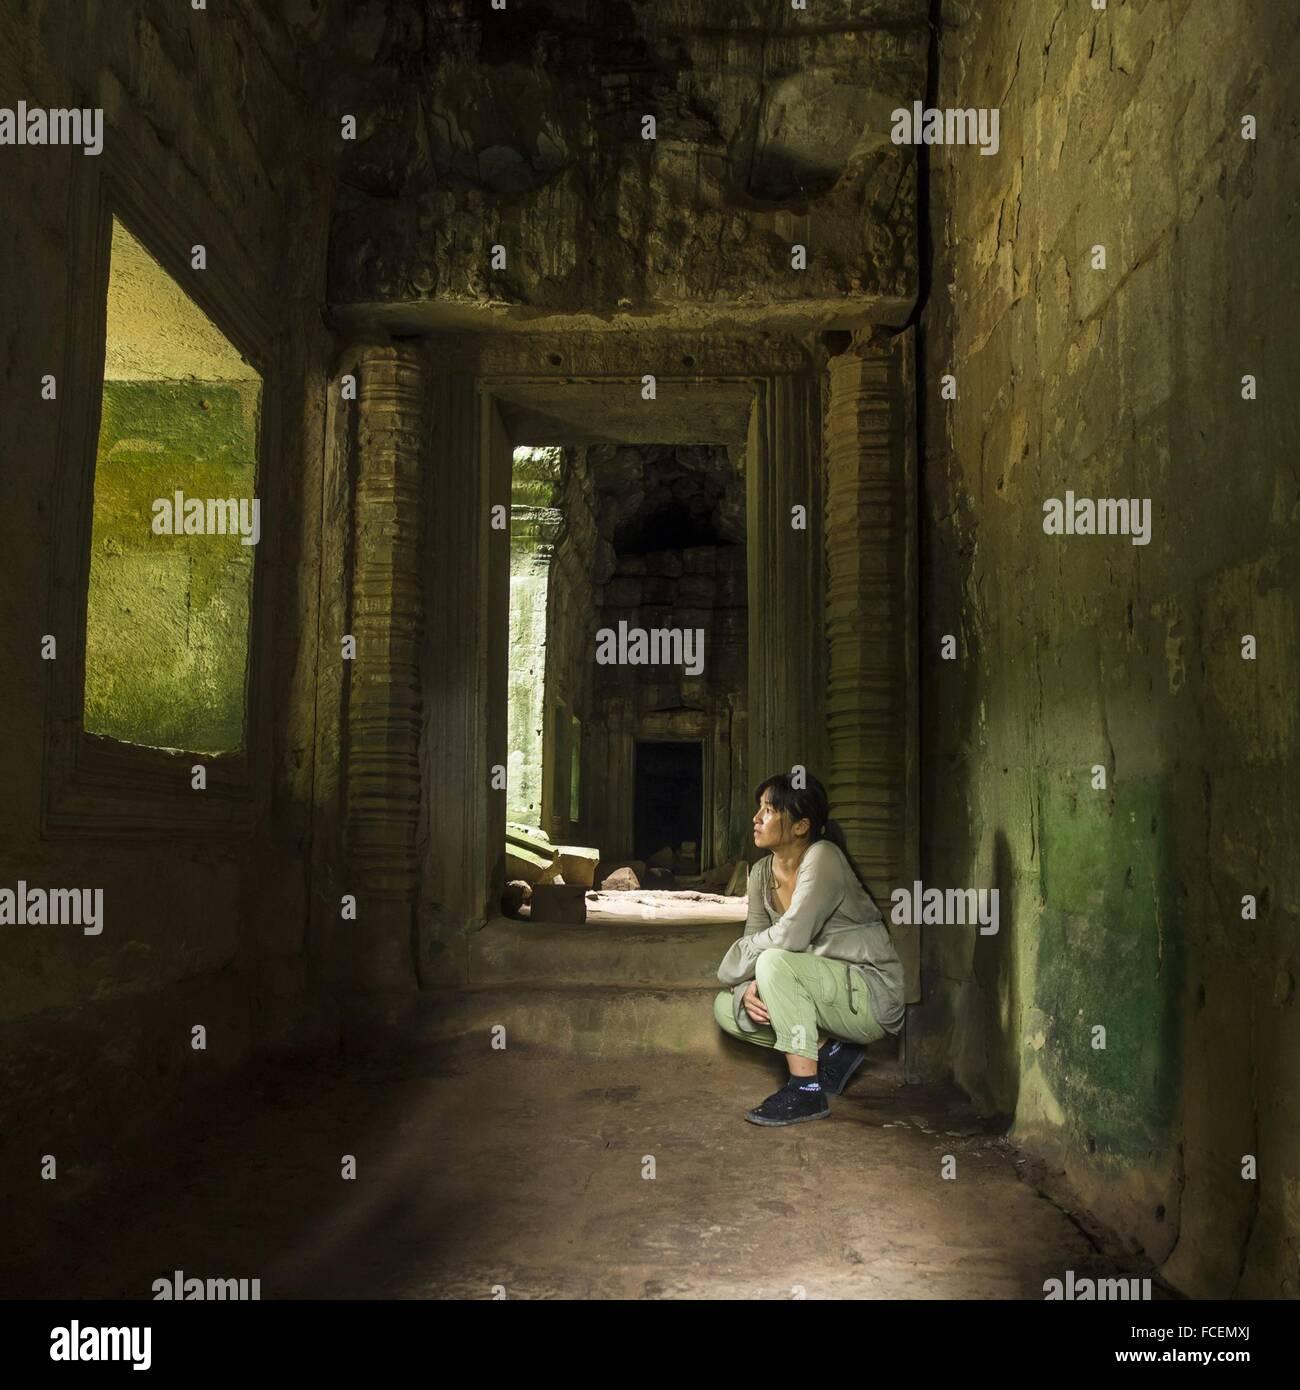 La longitud completa de la mujer en cuclillas en casa abandonada Imagen De Stock